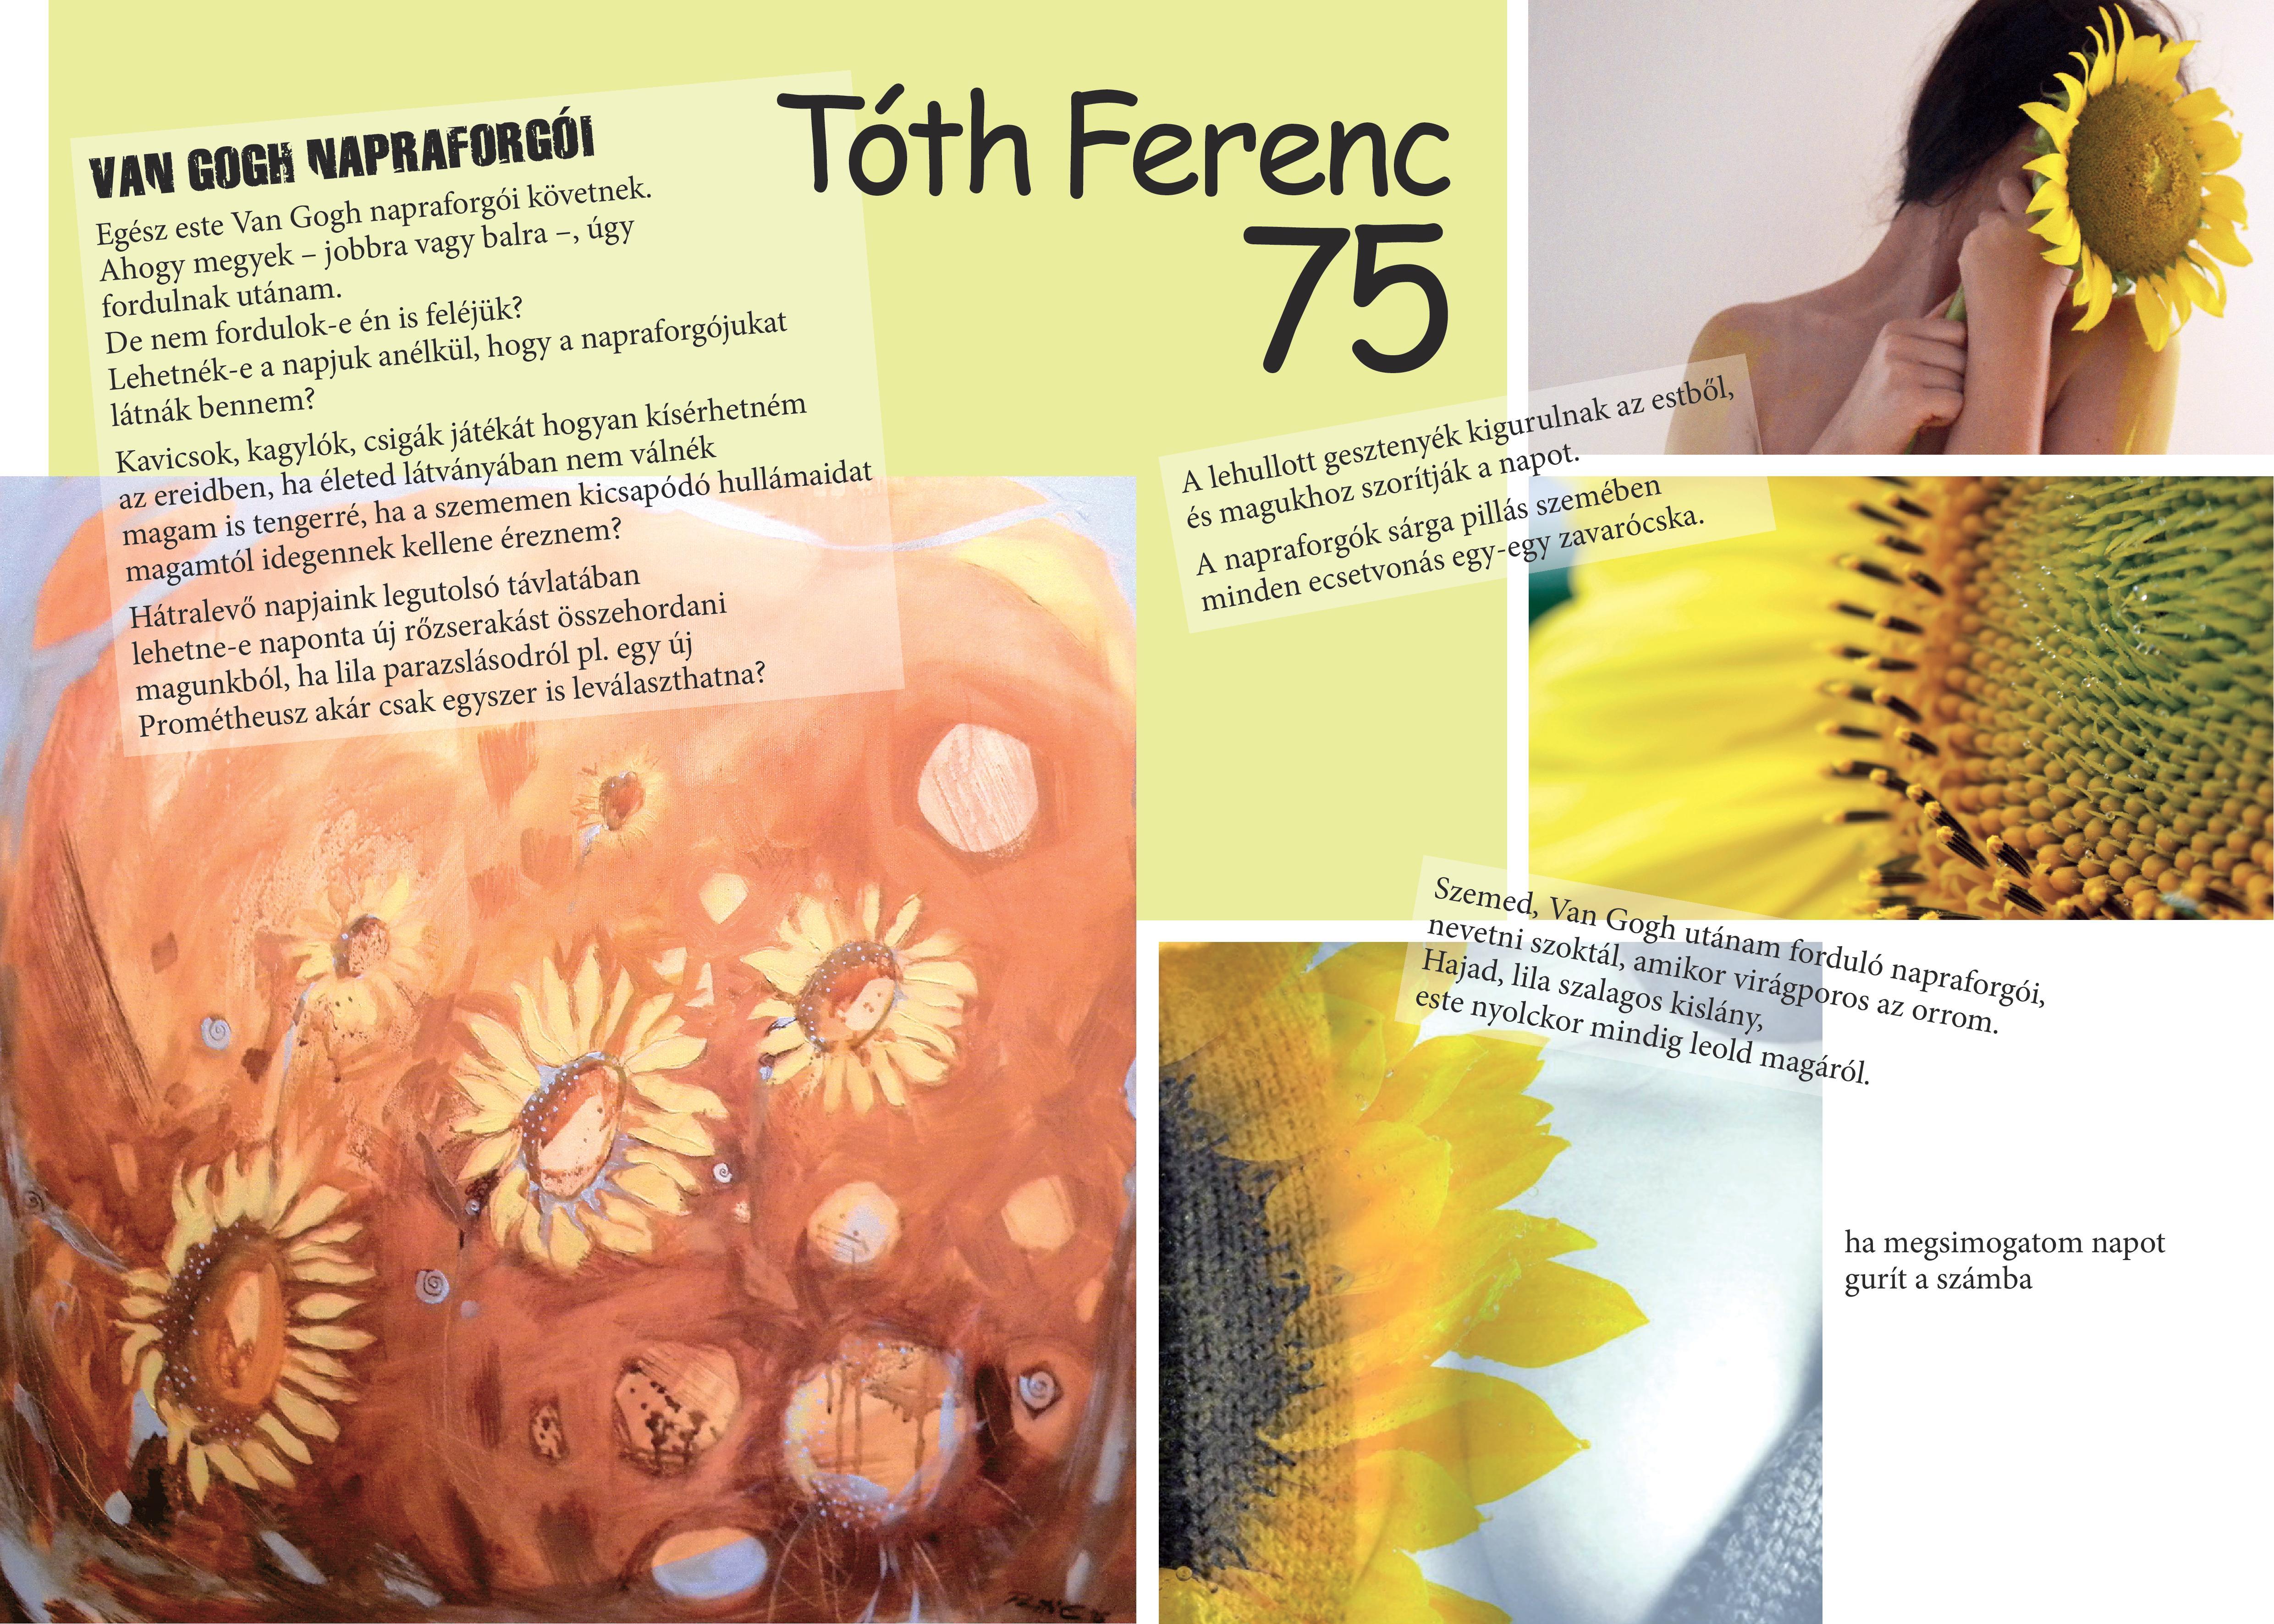 Belső borító: Tóth Ferenc 75 - Pesti Emma, Móricz Ildikó és Rózsa Szabina